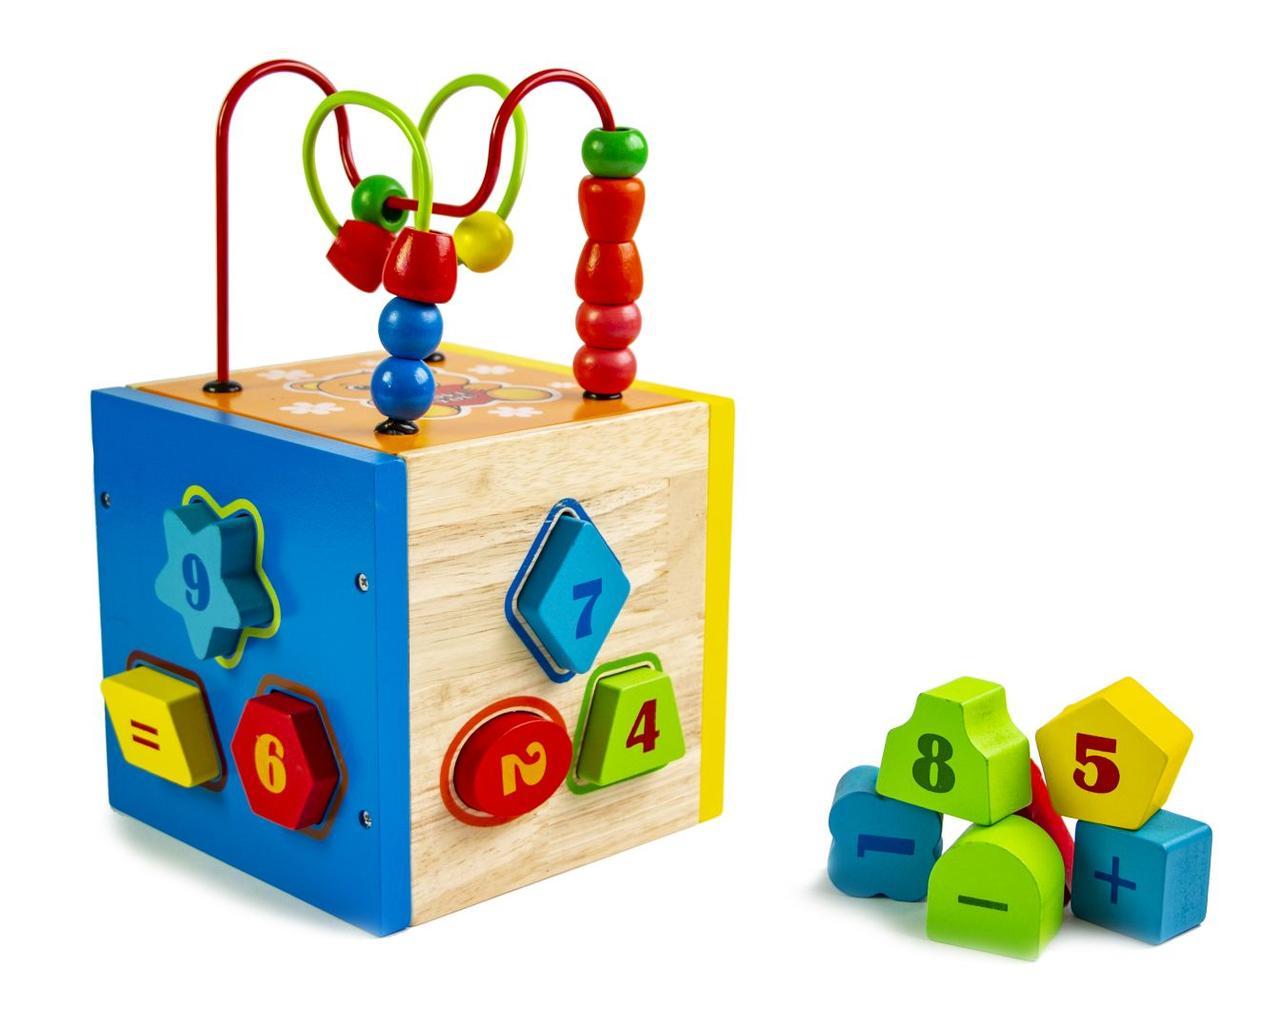 Дерев'яна розвиваюча іграшка-сортер Цифри+лабіринт (MMM608)